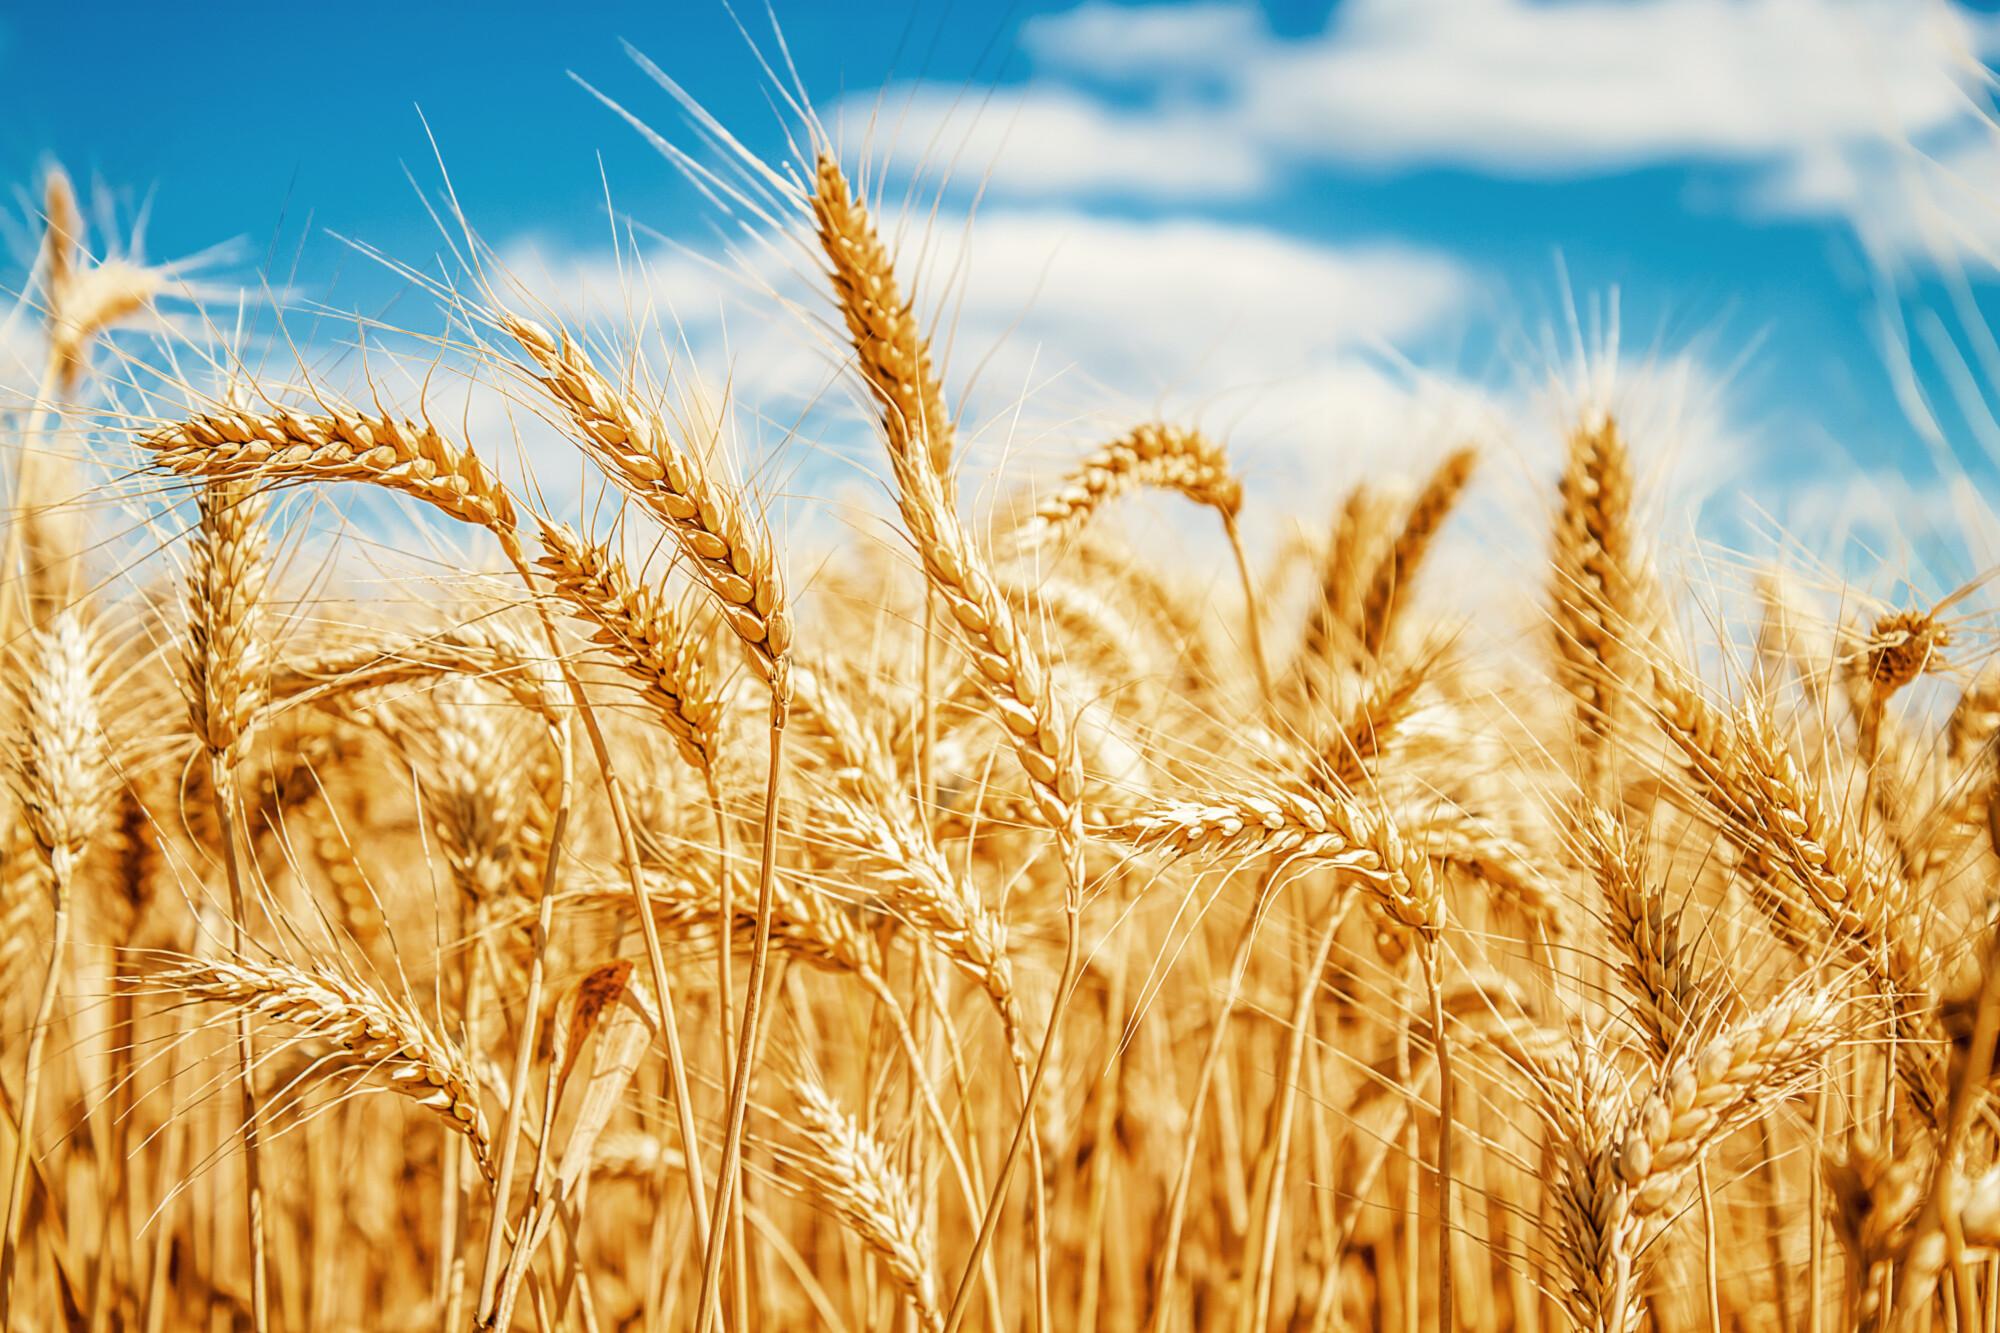 wheat field crop yields